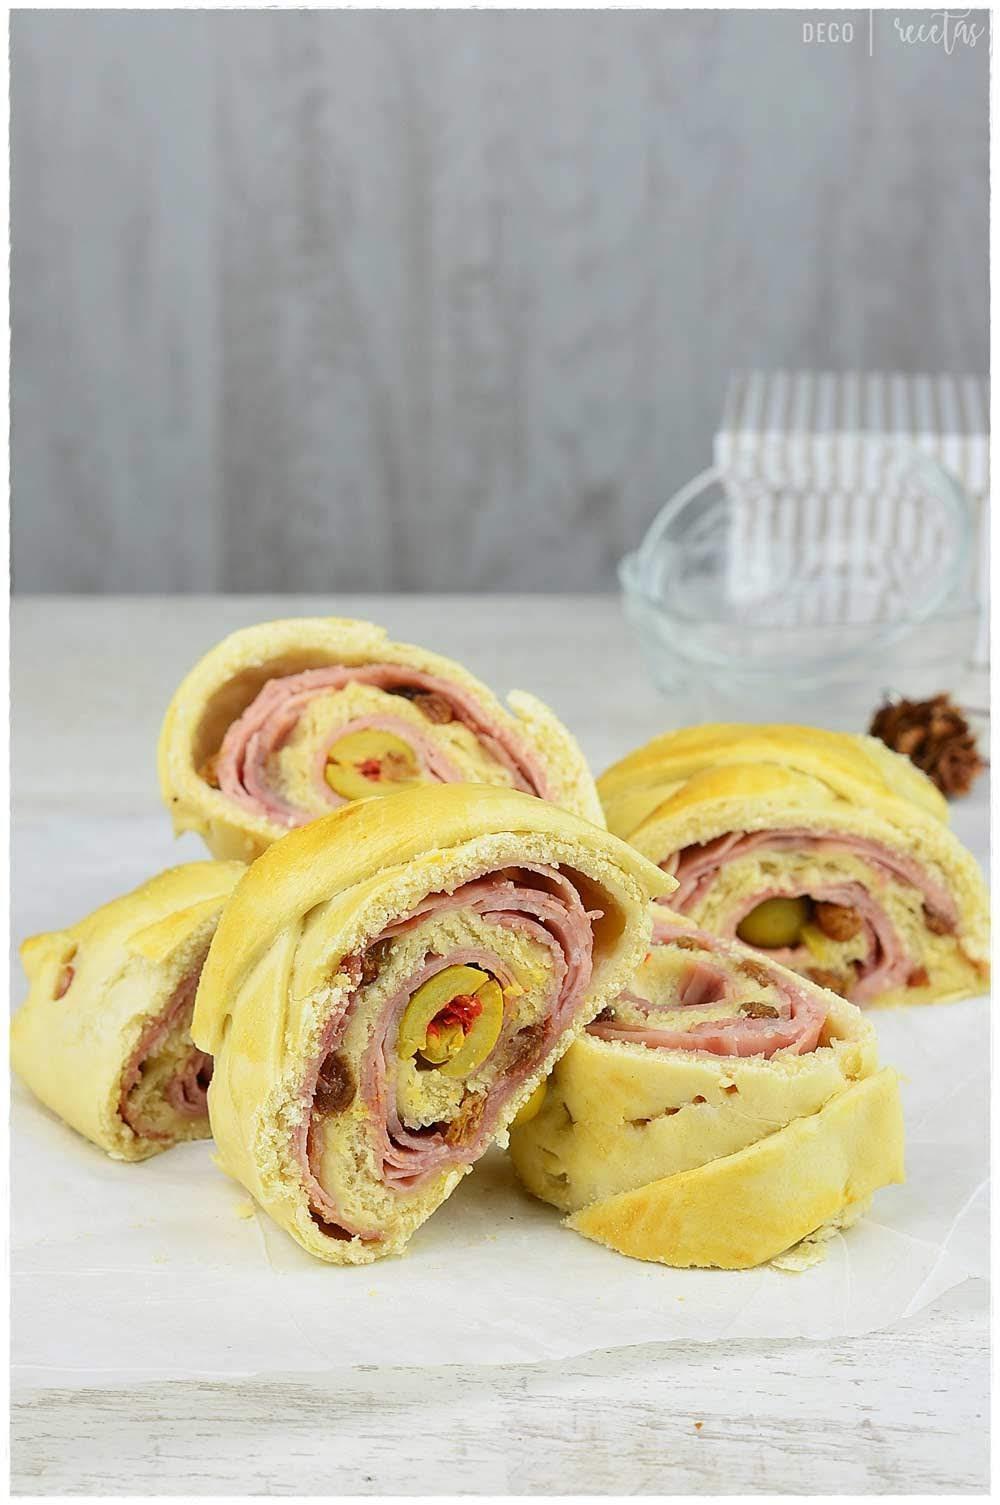 pan de jamon venezolano thermomix receta pan de jamon esponjoso pan de jamon precio pan de jamon recetas que funcionan